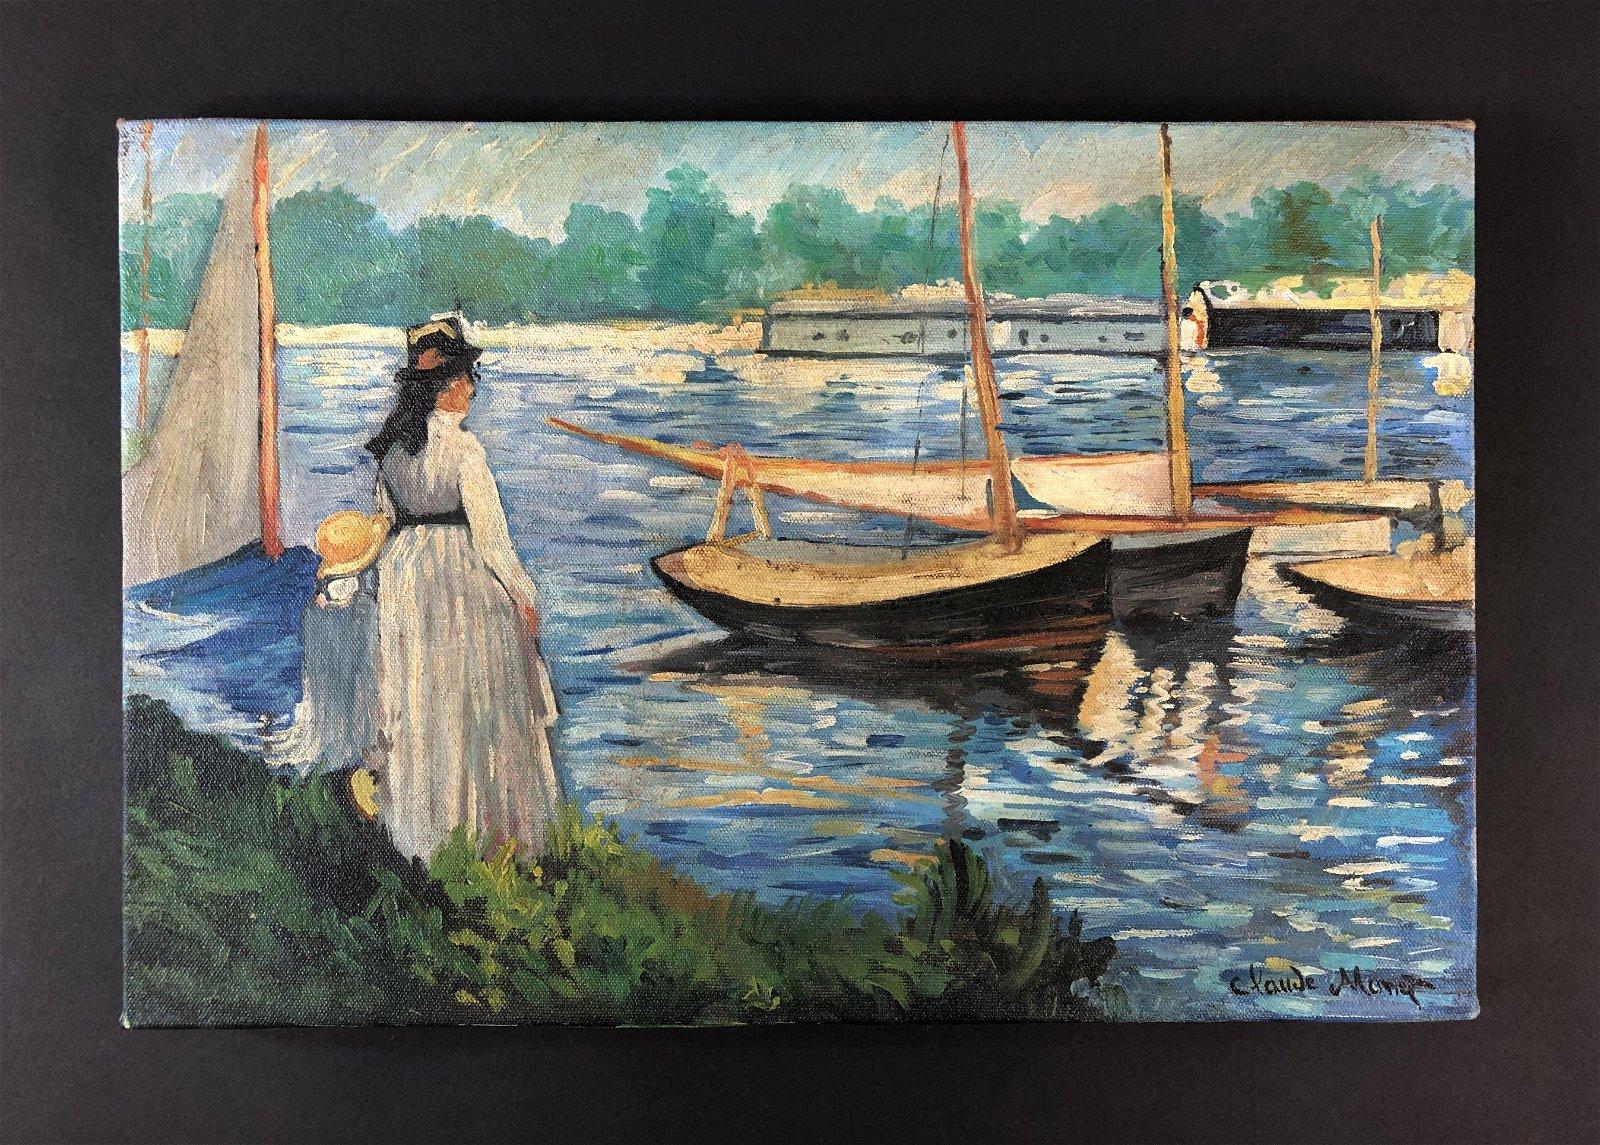 Claude Monet (1840 - 1926) - Oil on Canvas